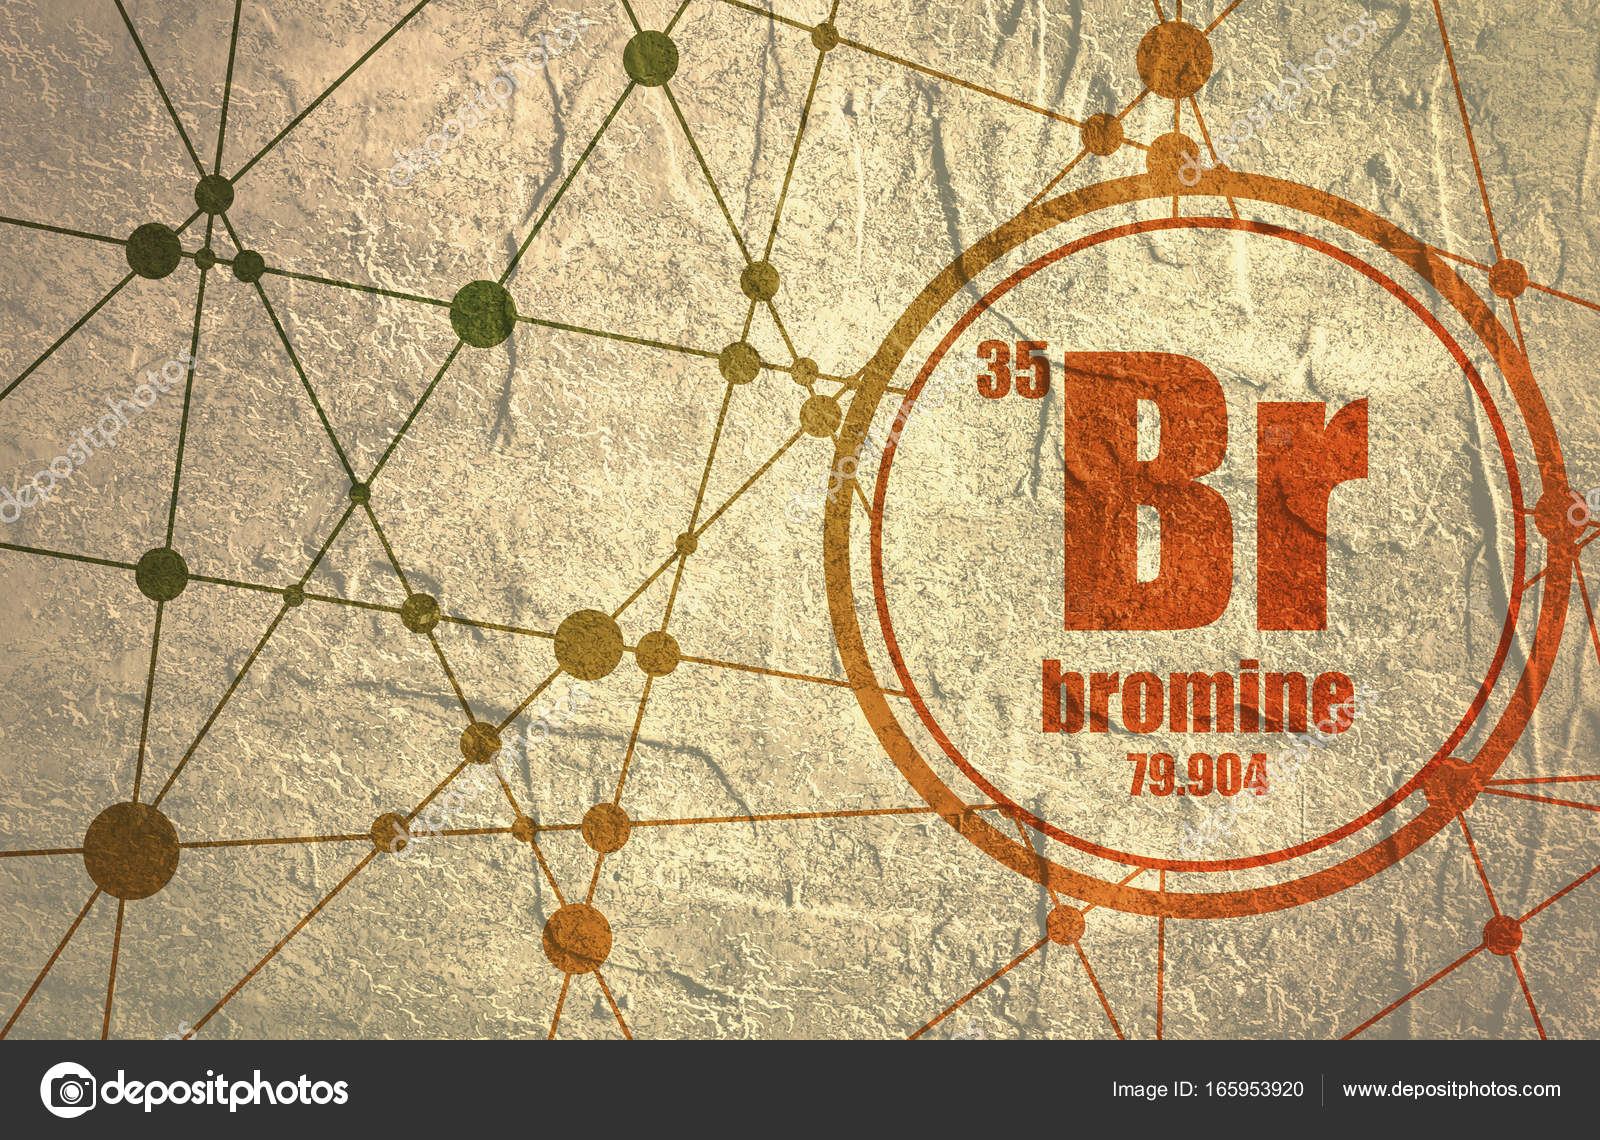 Elemento qumico bromo foto de stock jegasra 165953920 elemento qumico bromo firmar con el nmero atmico y peso atmico elemento qumico de tabla peridica molcula y el fondo de la comunicacin urtaz Choice Image